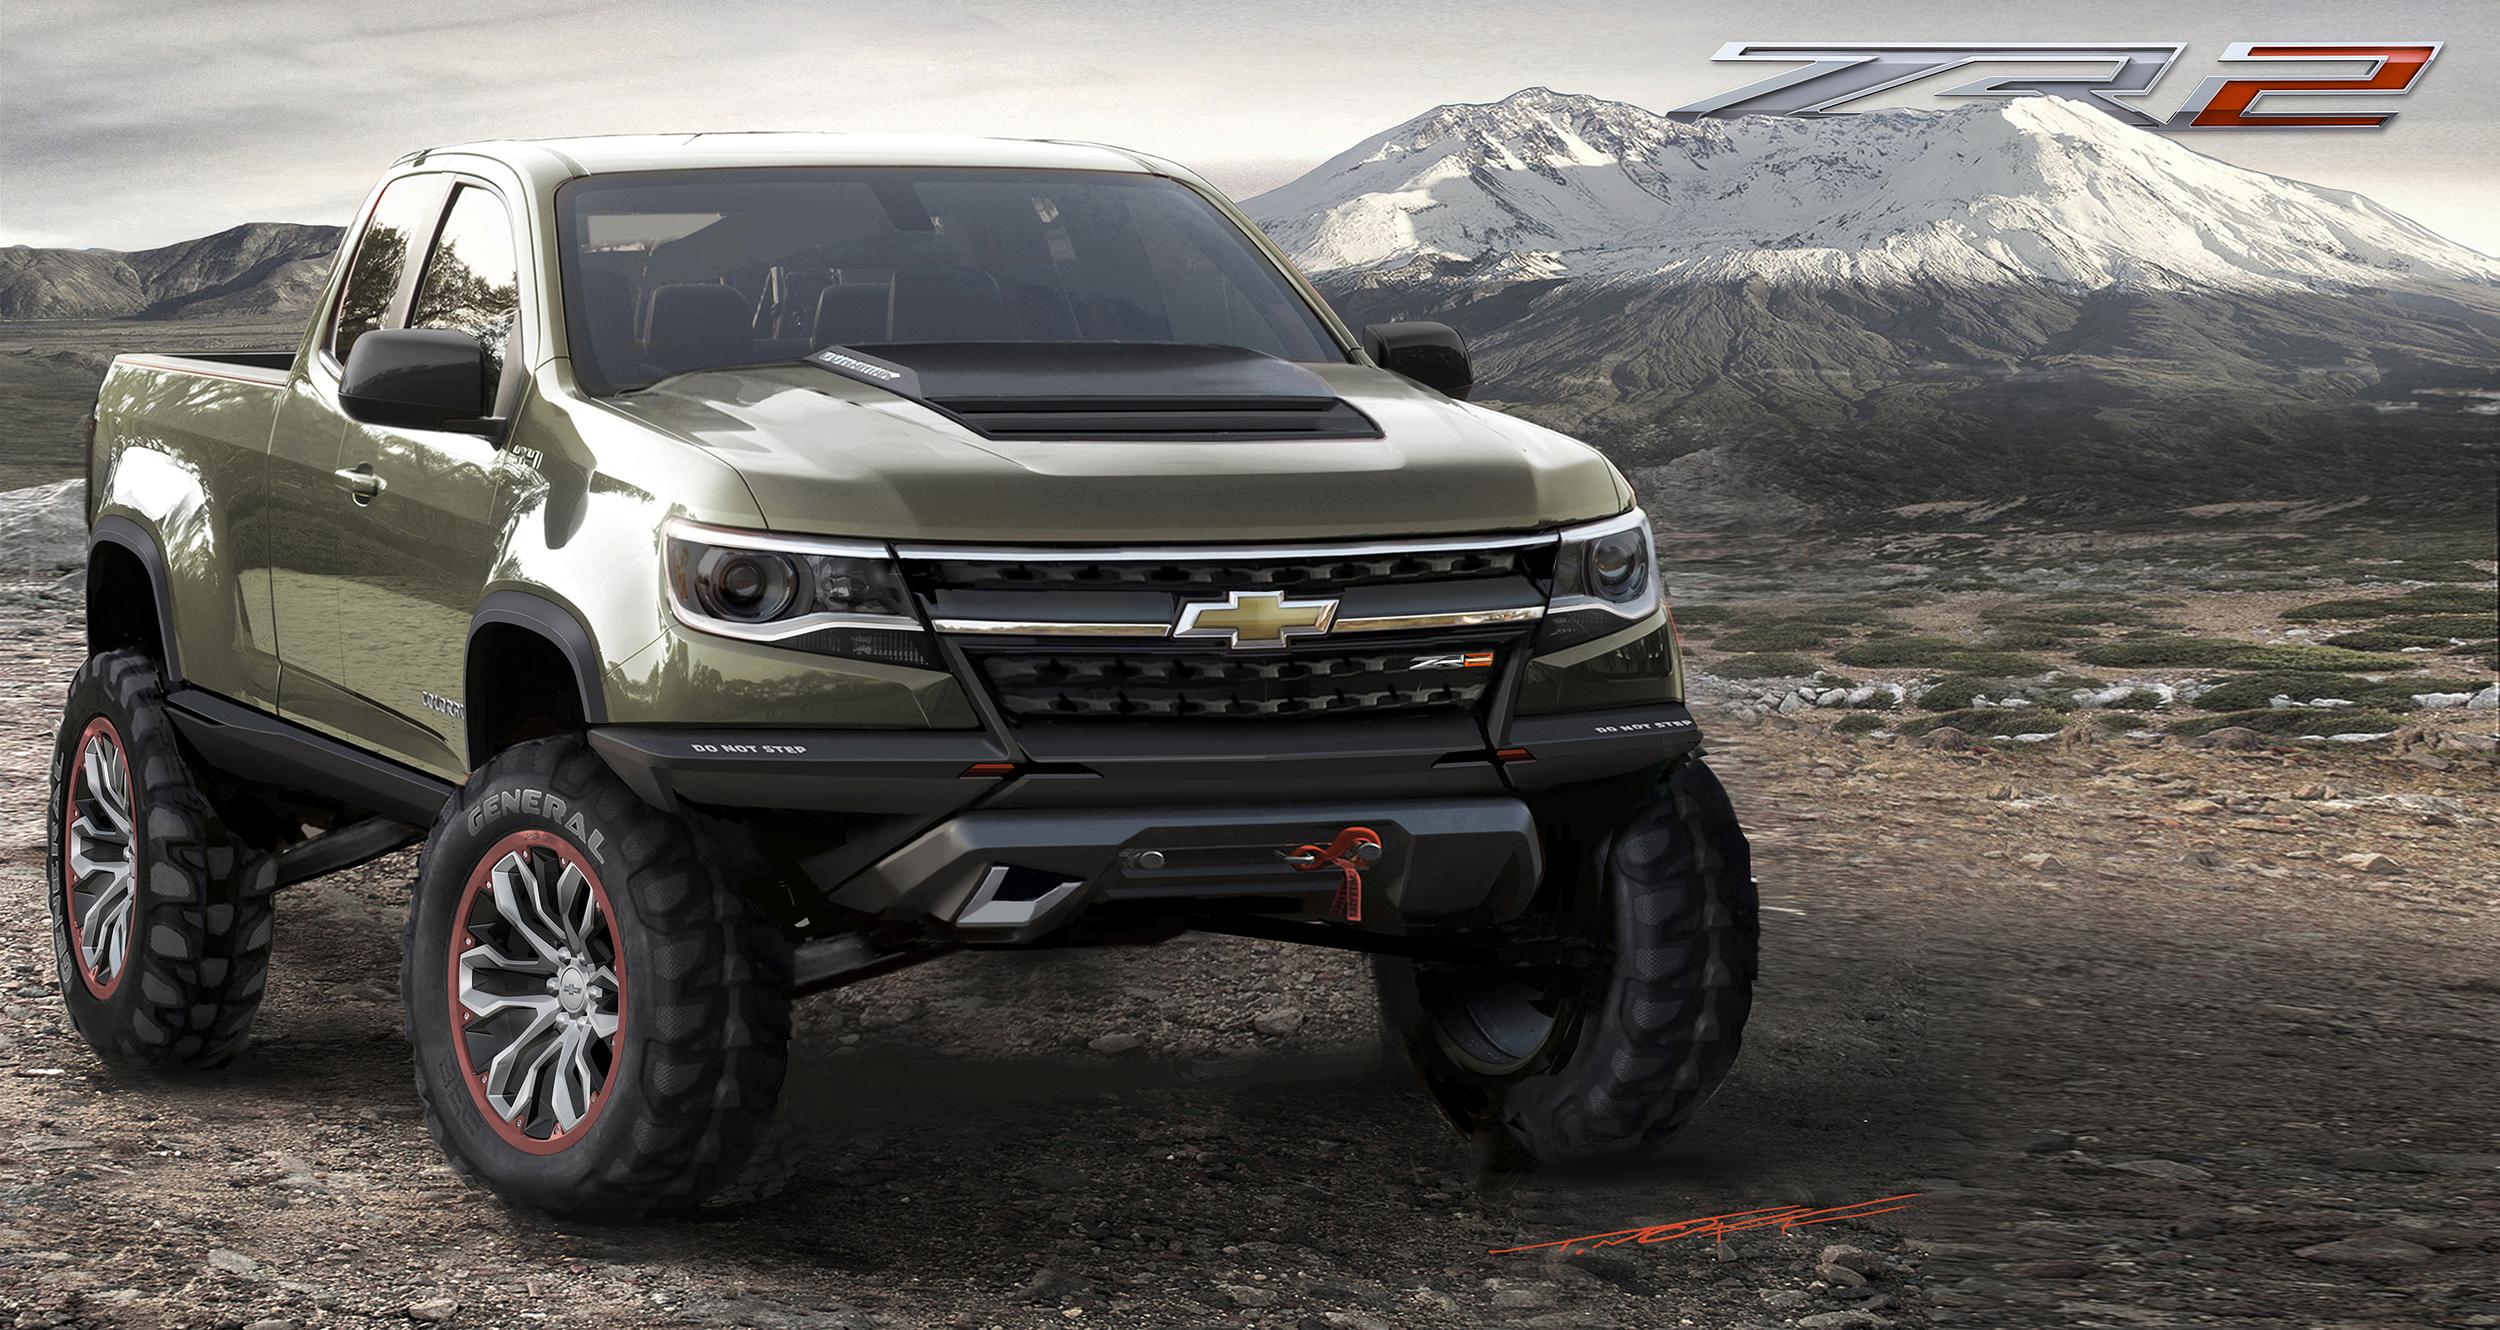 2015 Chevrolet Colorado ZR2 Concept Truck Rocks 2014 LA ...